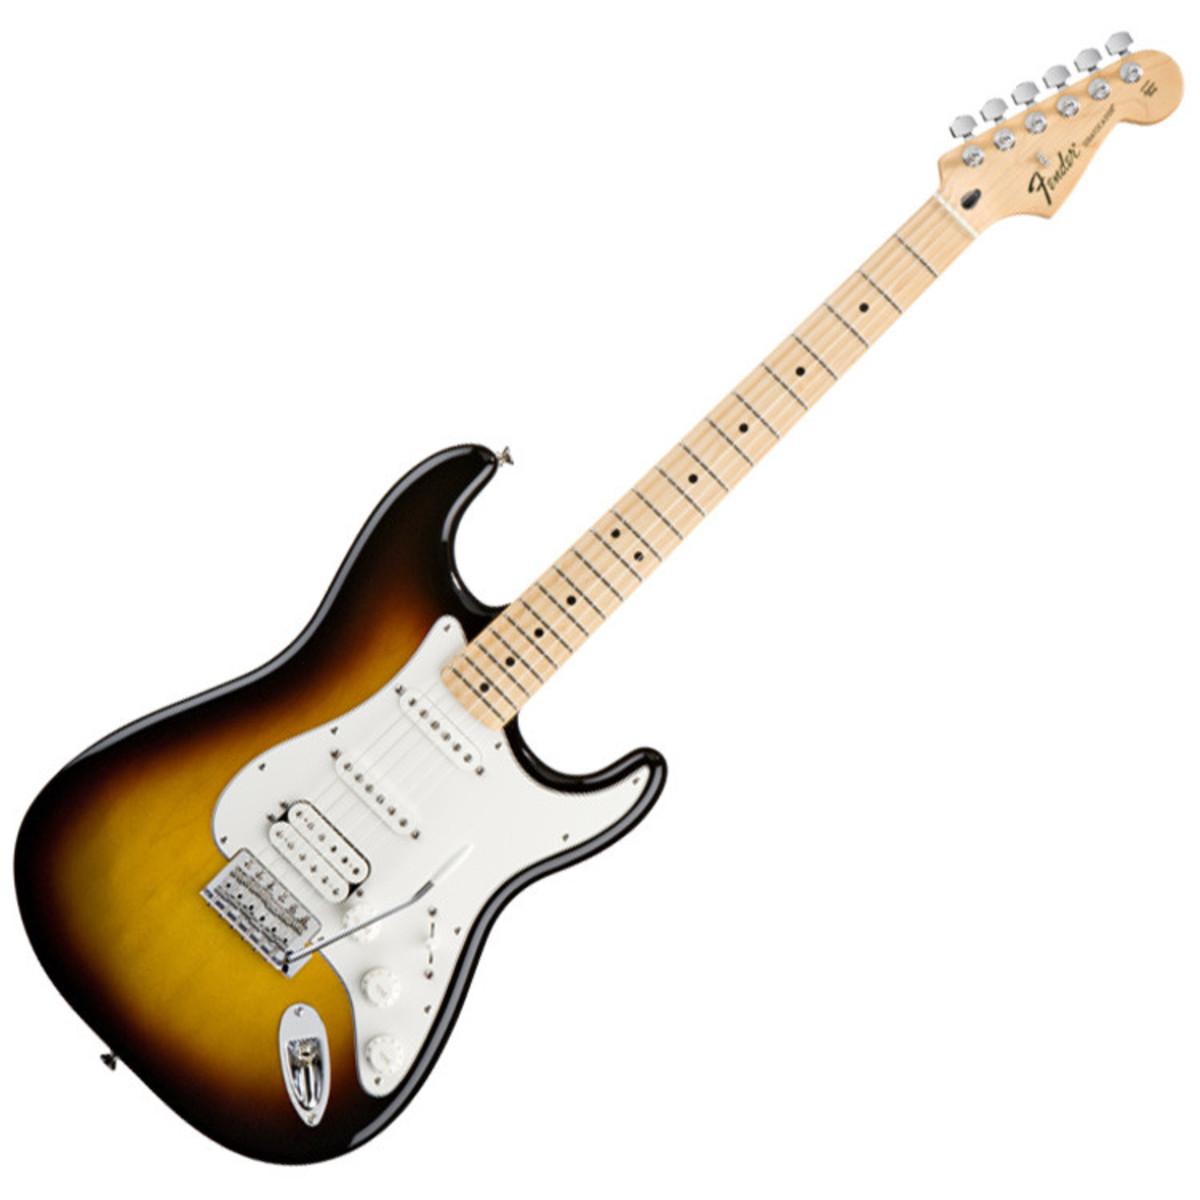 fender standard stratocaster hss mn brown sunburst at gear4music. Black Bedroom Furniture Sets. Home Design Ideas